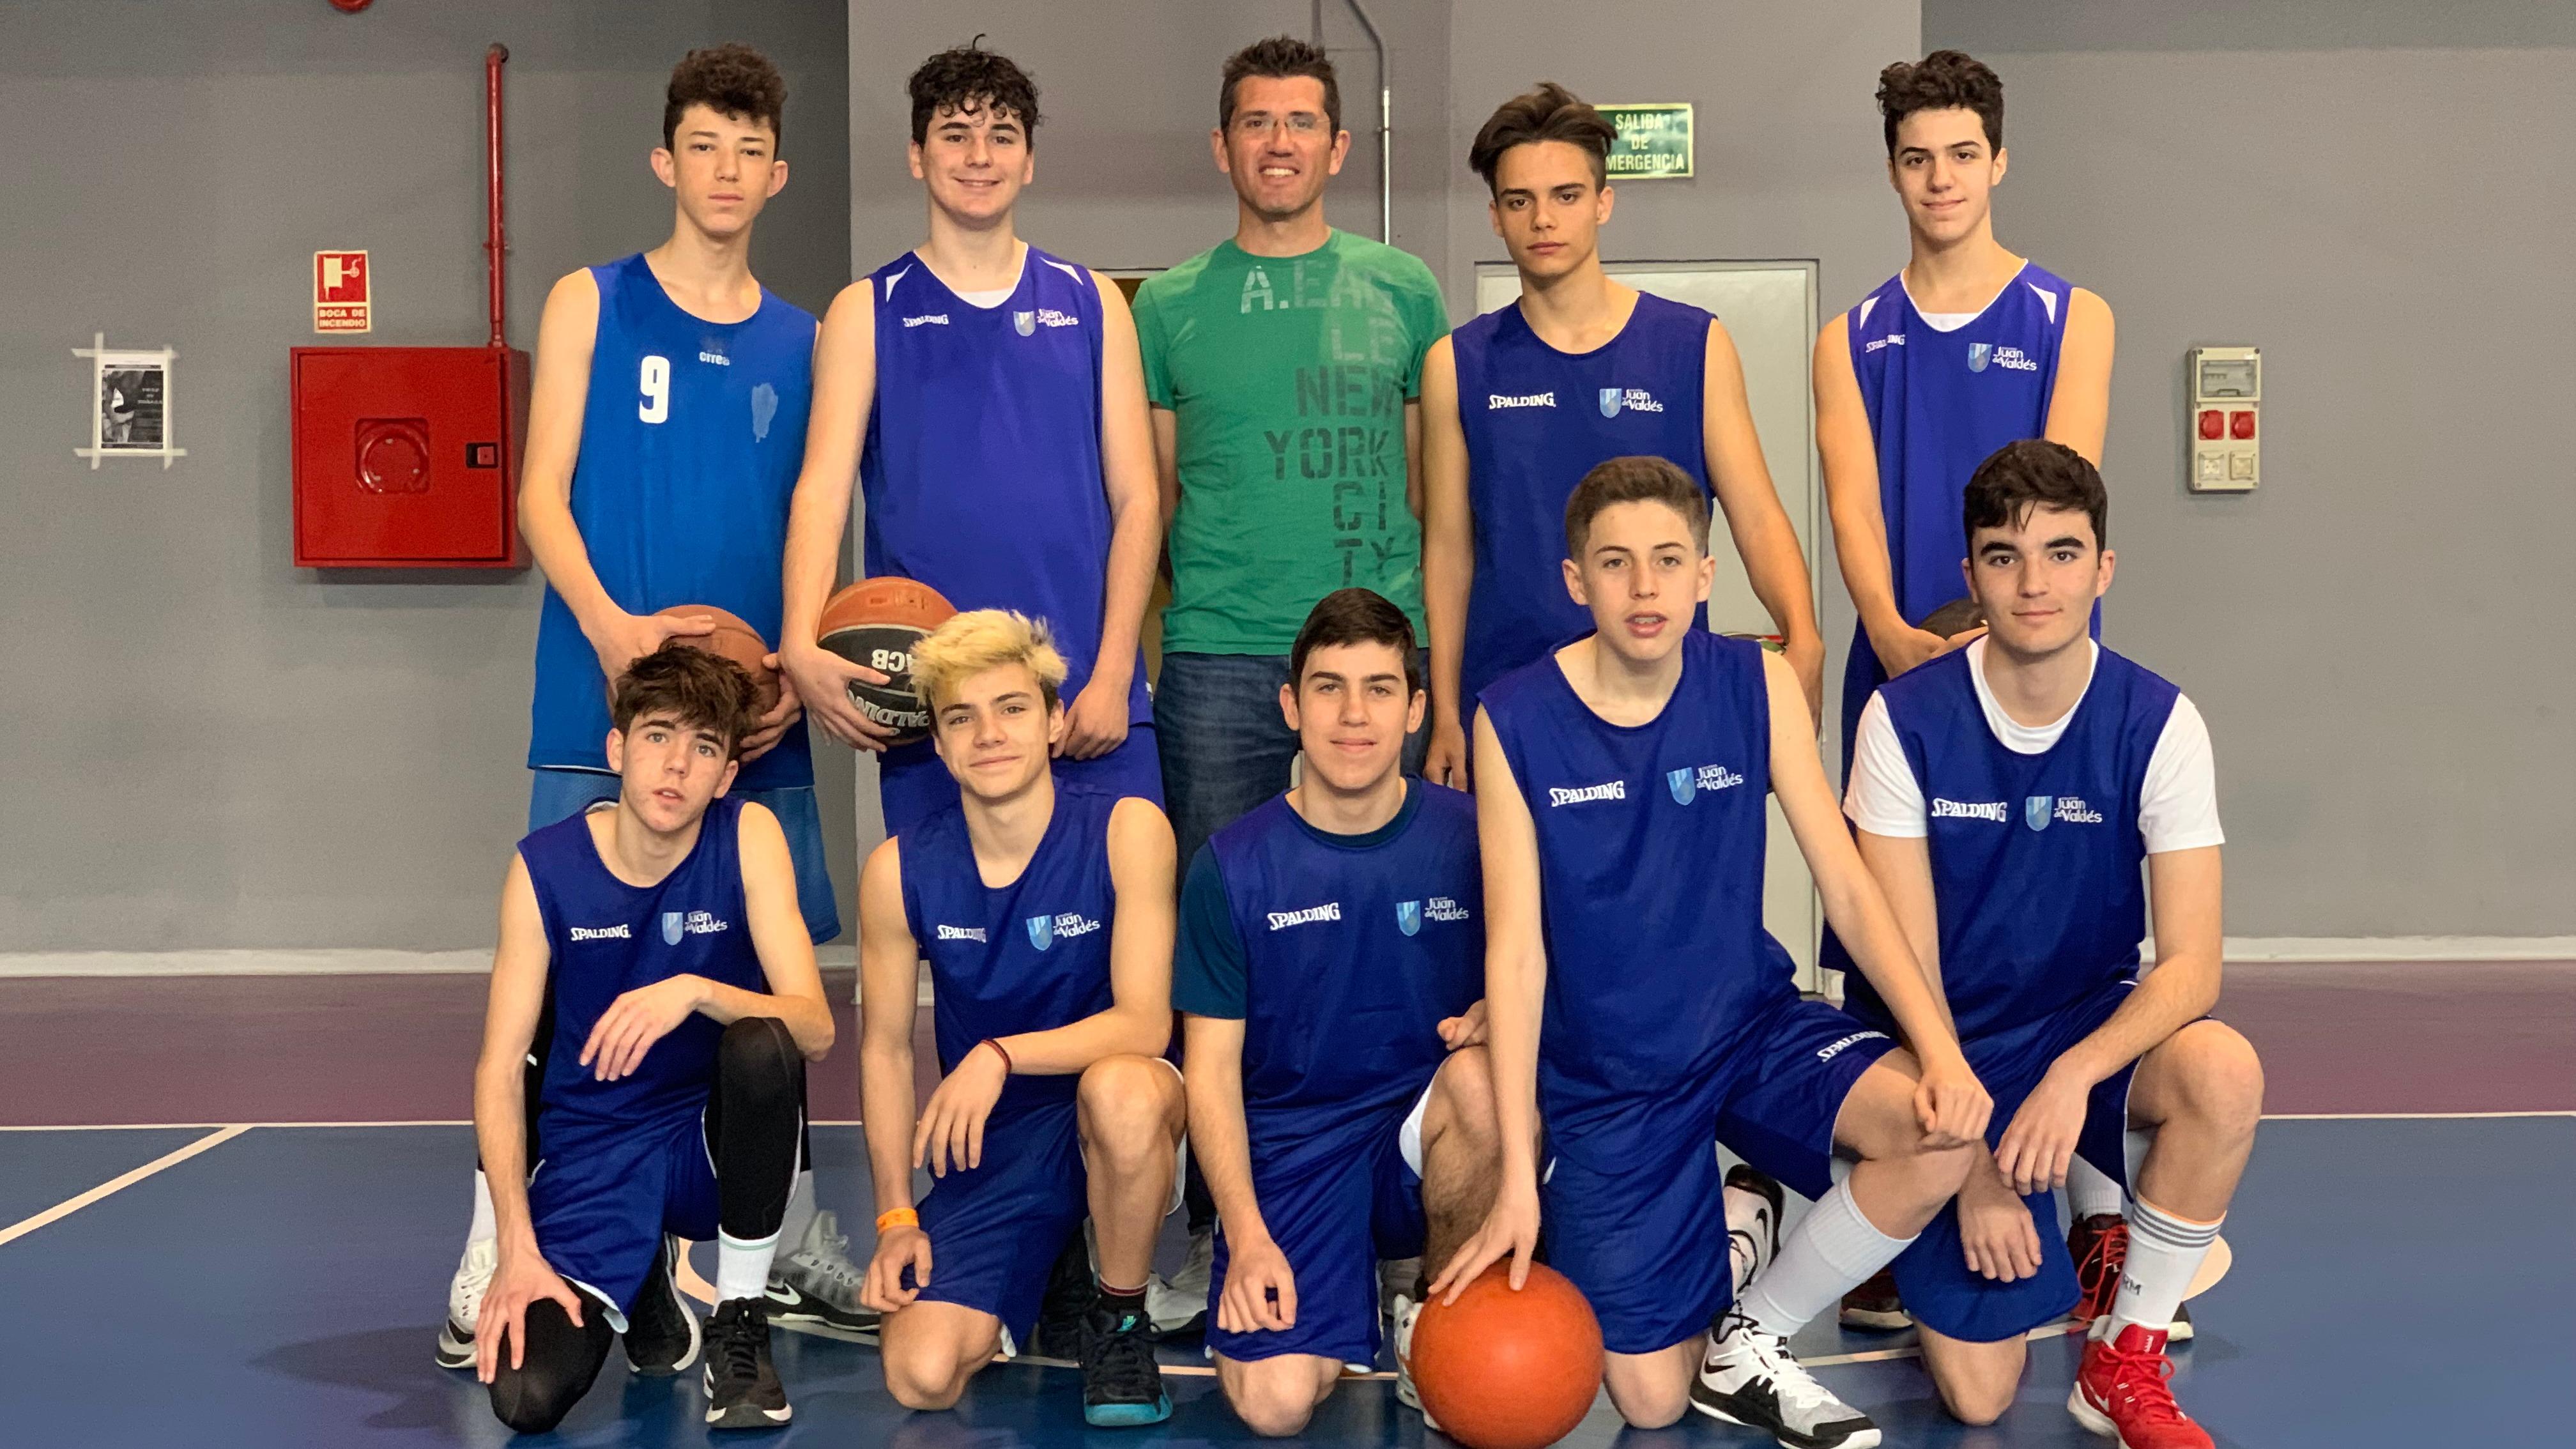 El Equipo de Basket cadete de nuestro Colegio se ha proclamado Campeón de Distrito